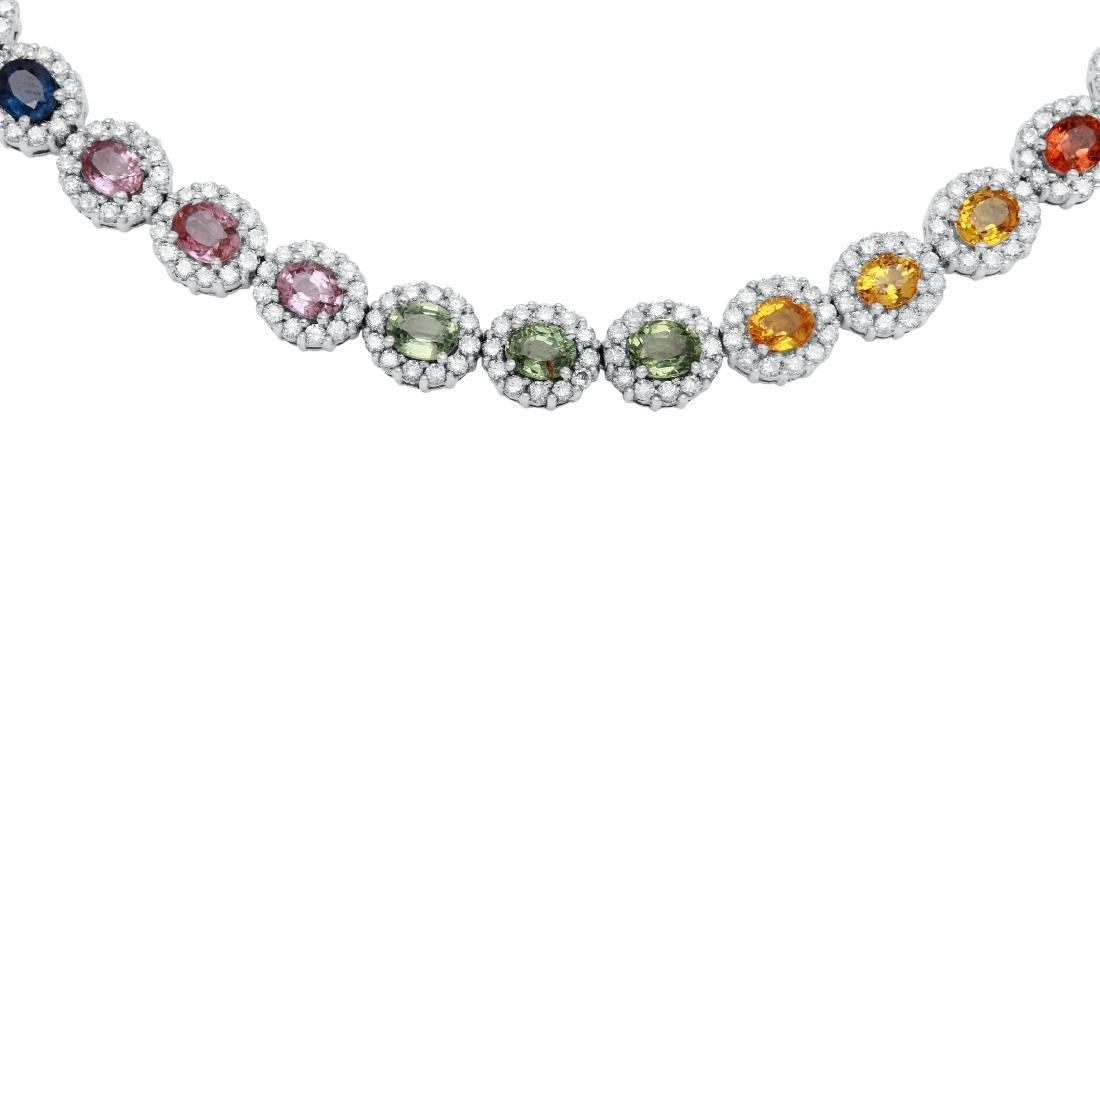 14KT White Gold Gemstone Necklace - 2